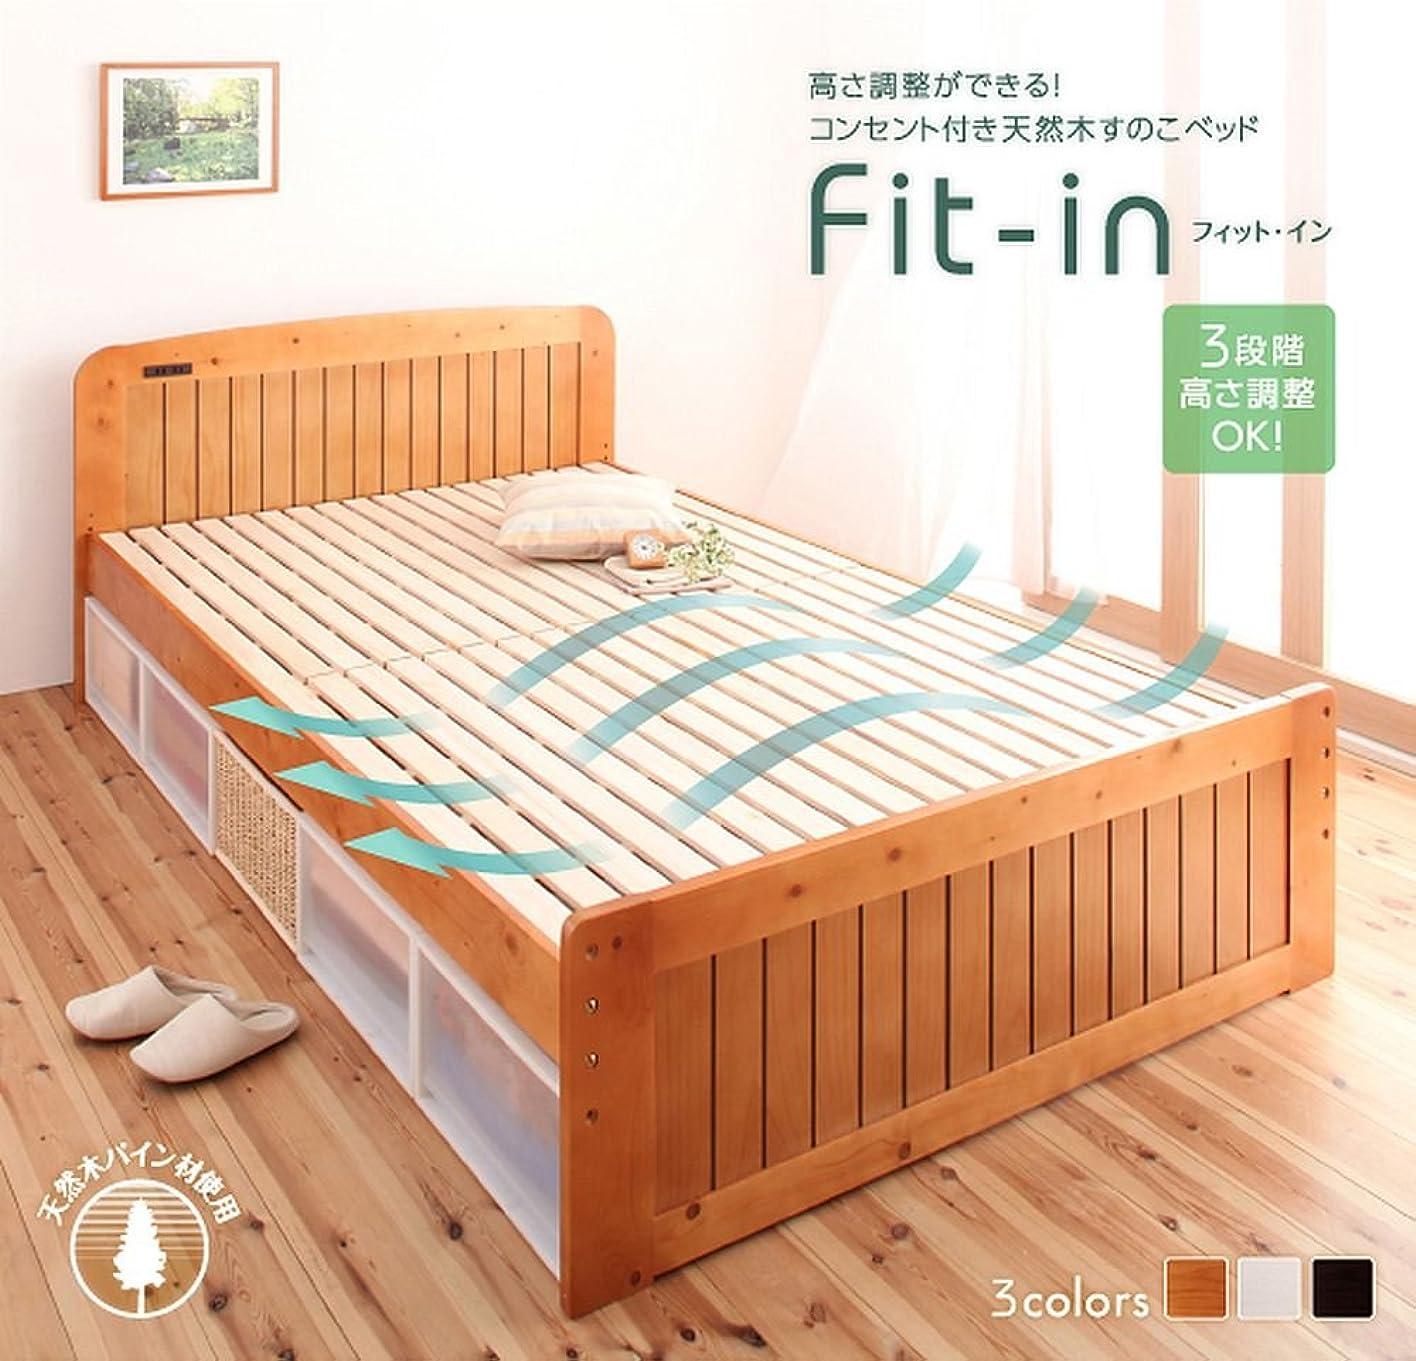 ピストン失効相互接続高さが調節できる!コンセント付き天然木すのこベッド Fit-in フィット?イン/シングル ダークブラウン